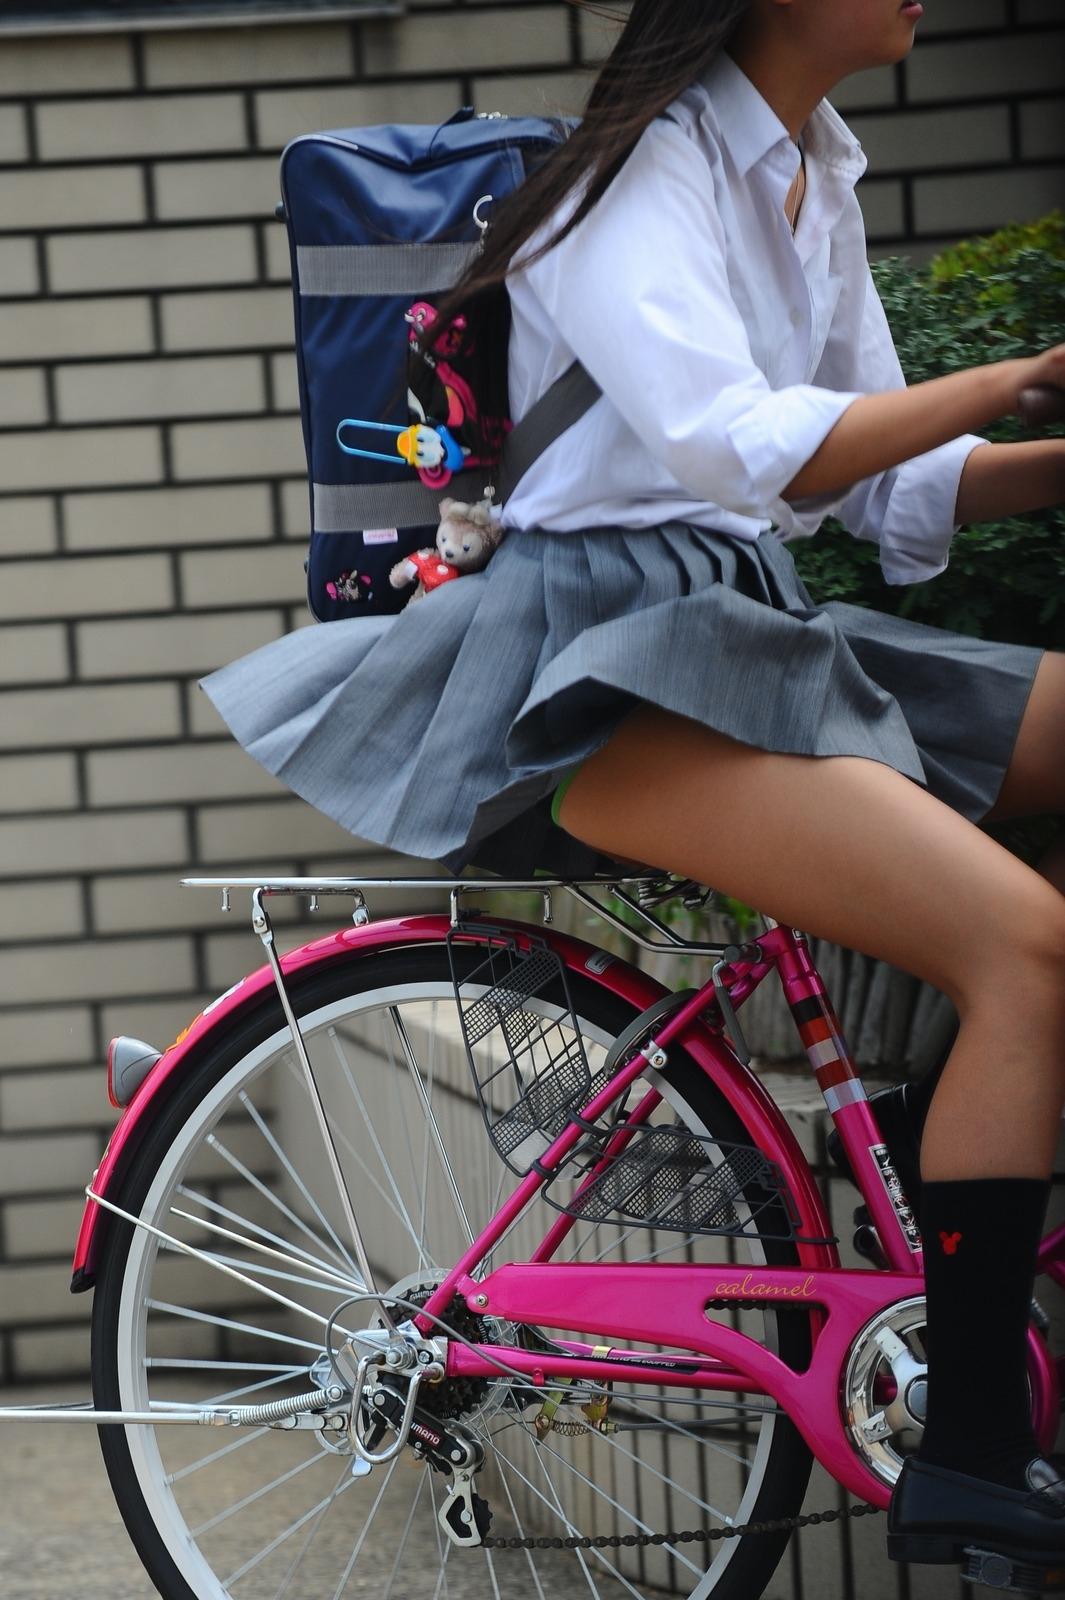 生活感溢れる女子高生のおふざけ画像!!楽しそうで可愛いwwwwwww eXfnnjT